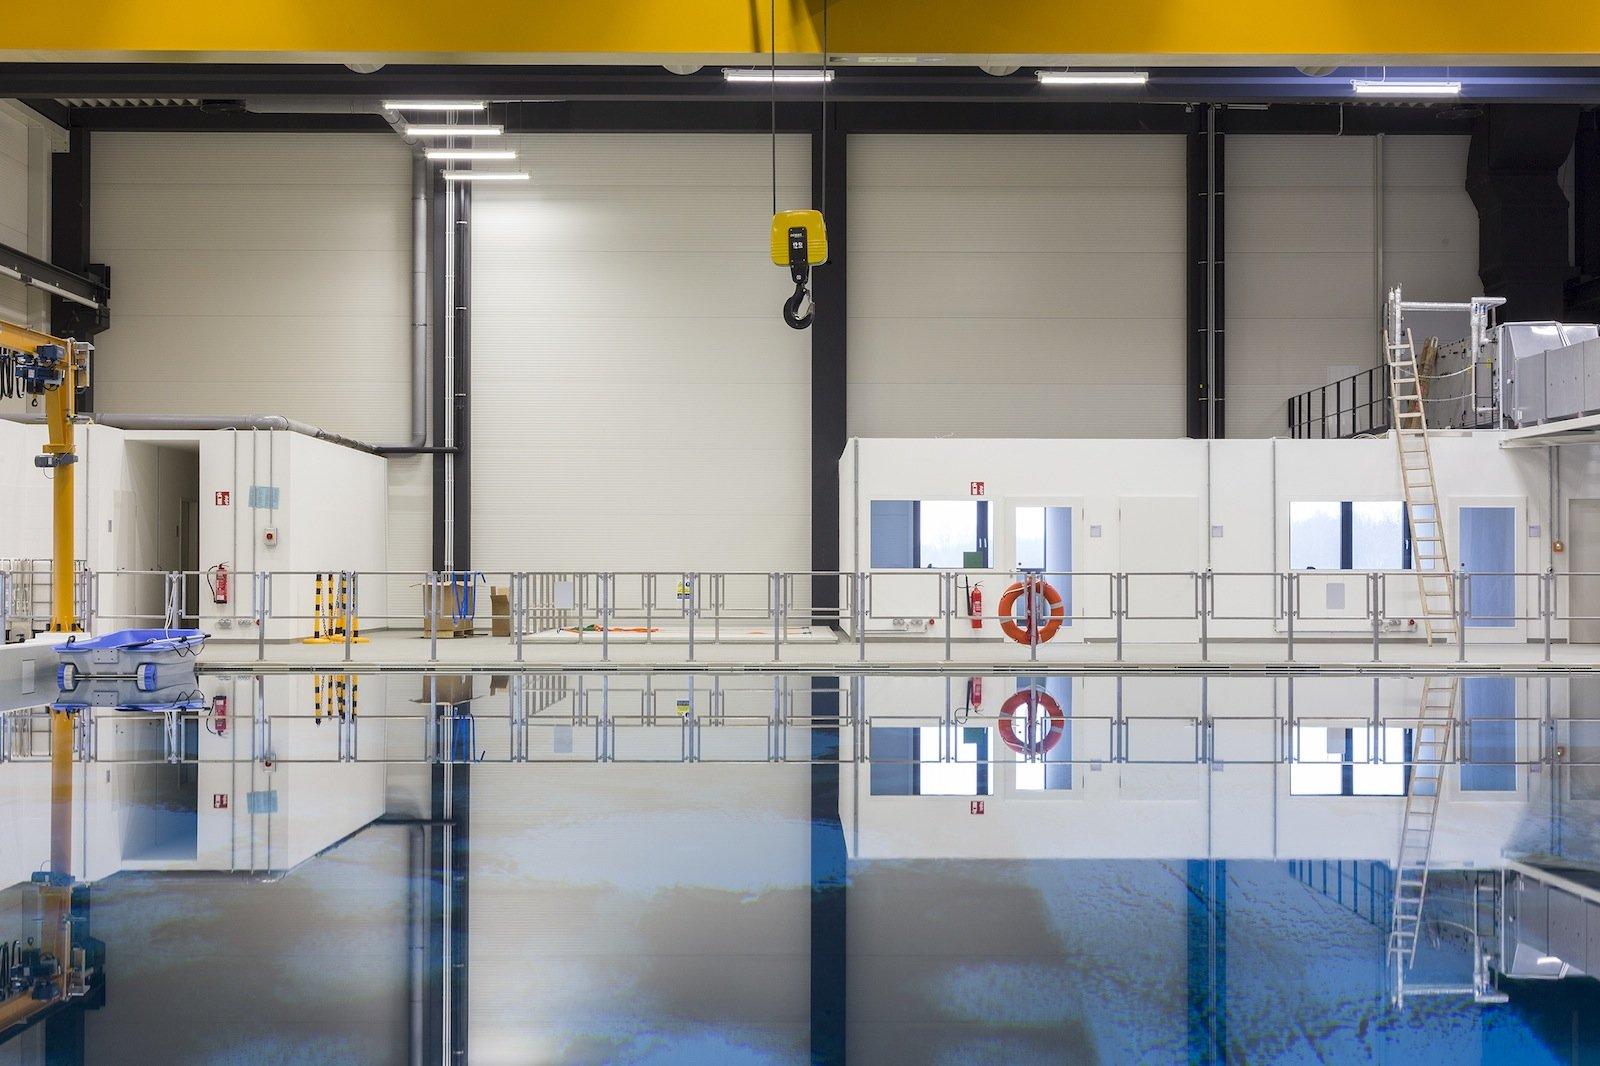 3,4 Millionen Liter Salzwasser fasst das neue Testbecken für Robotik-Forschung, das jetzt im Neubau des Deutschen Forschungszentrums für Künstliche Intelligenz in Bremen eröffnet wurde.